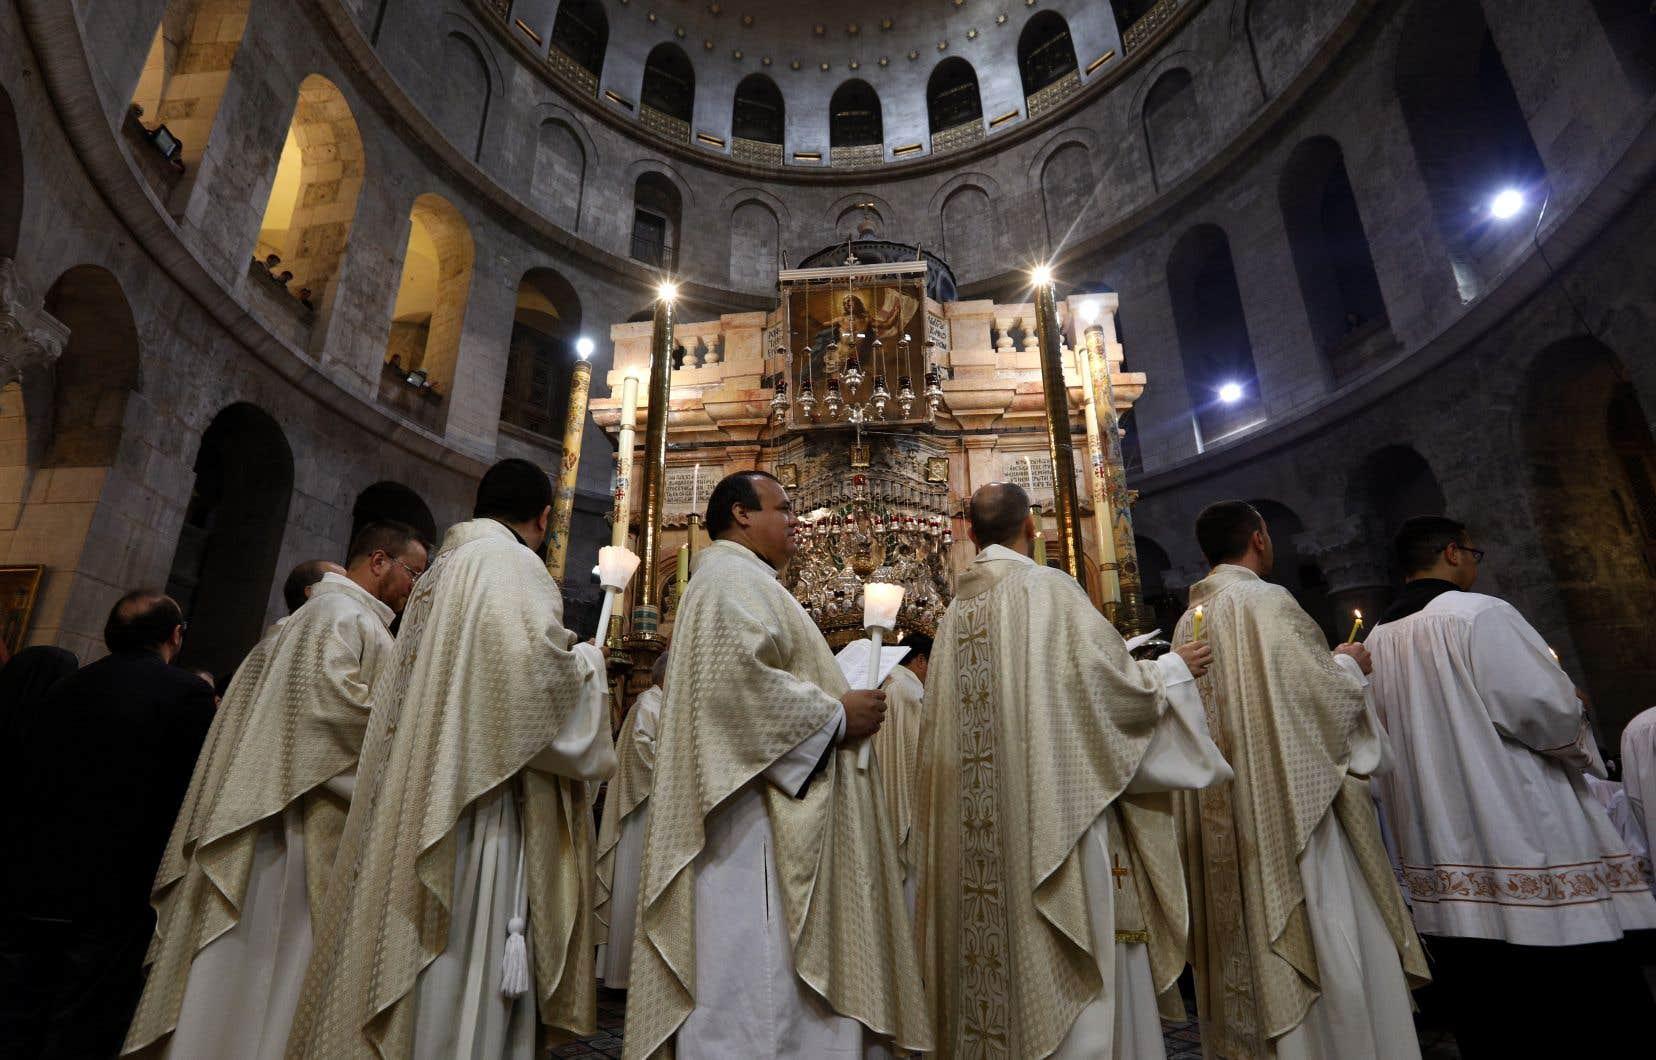 Le Saint-Sépulcre se trouve à Jérusalem-Est, dans la Vieille ville, occupée et annexée par Israël.